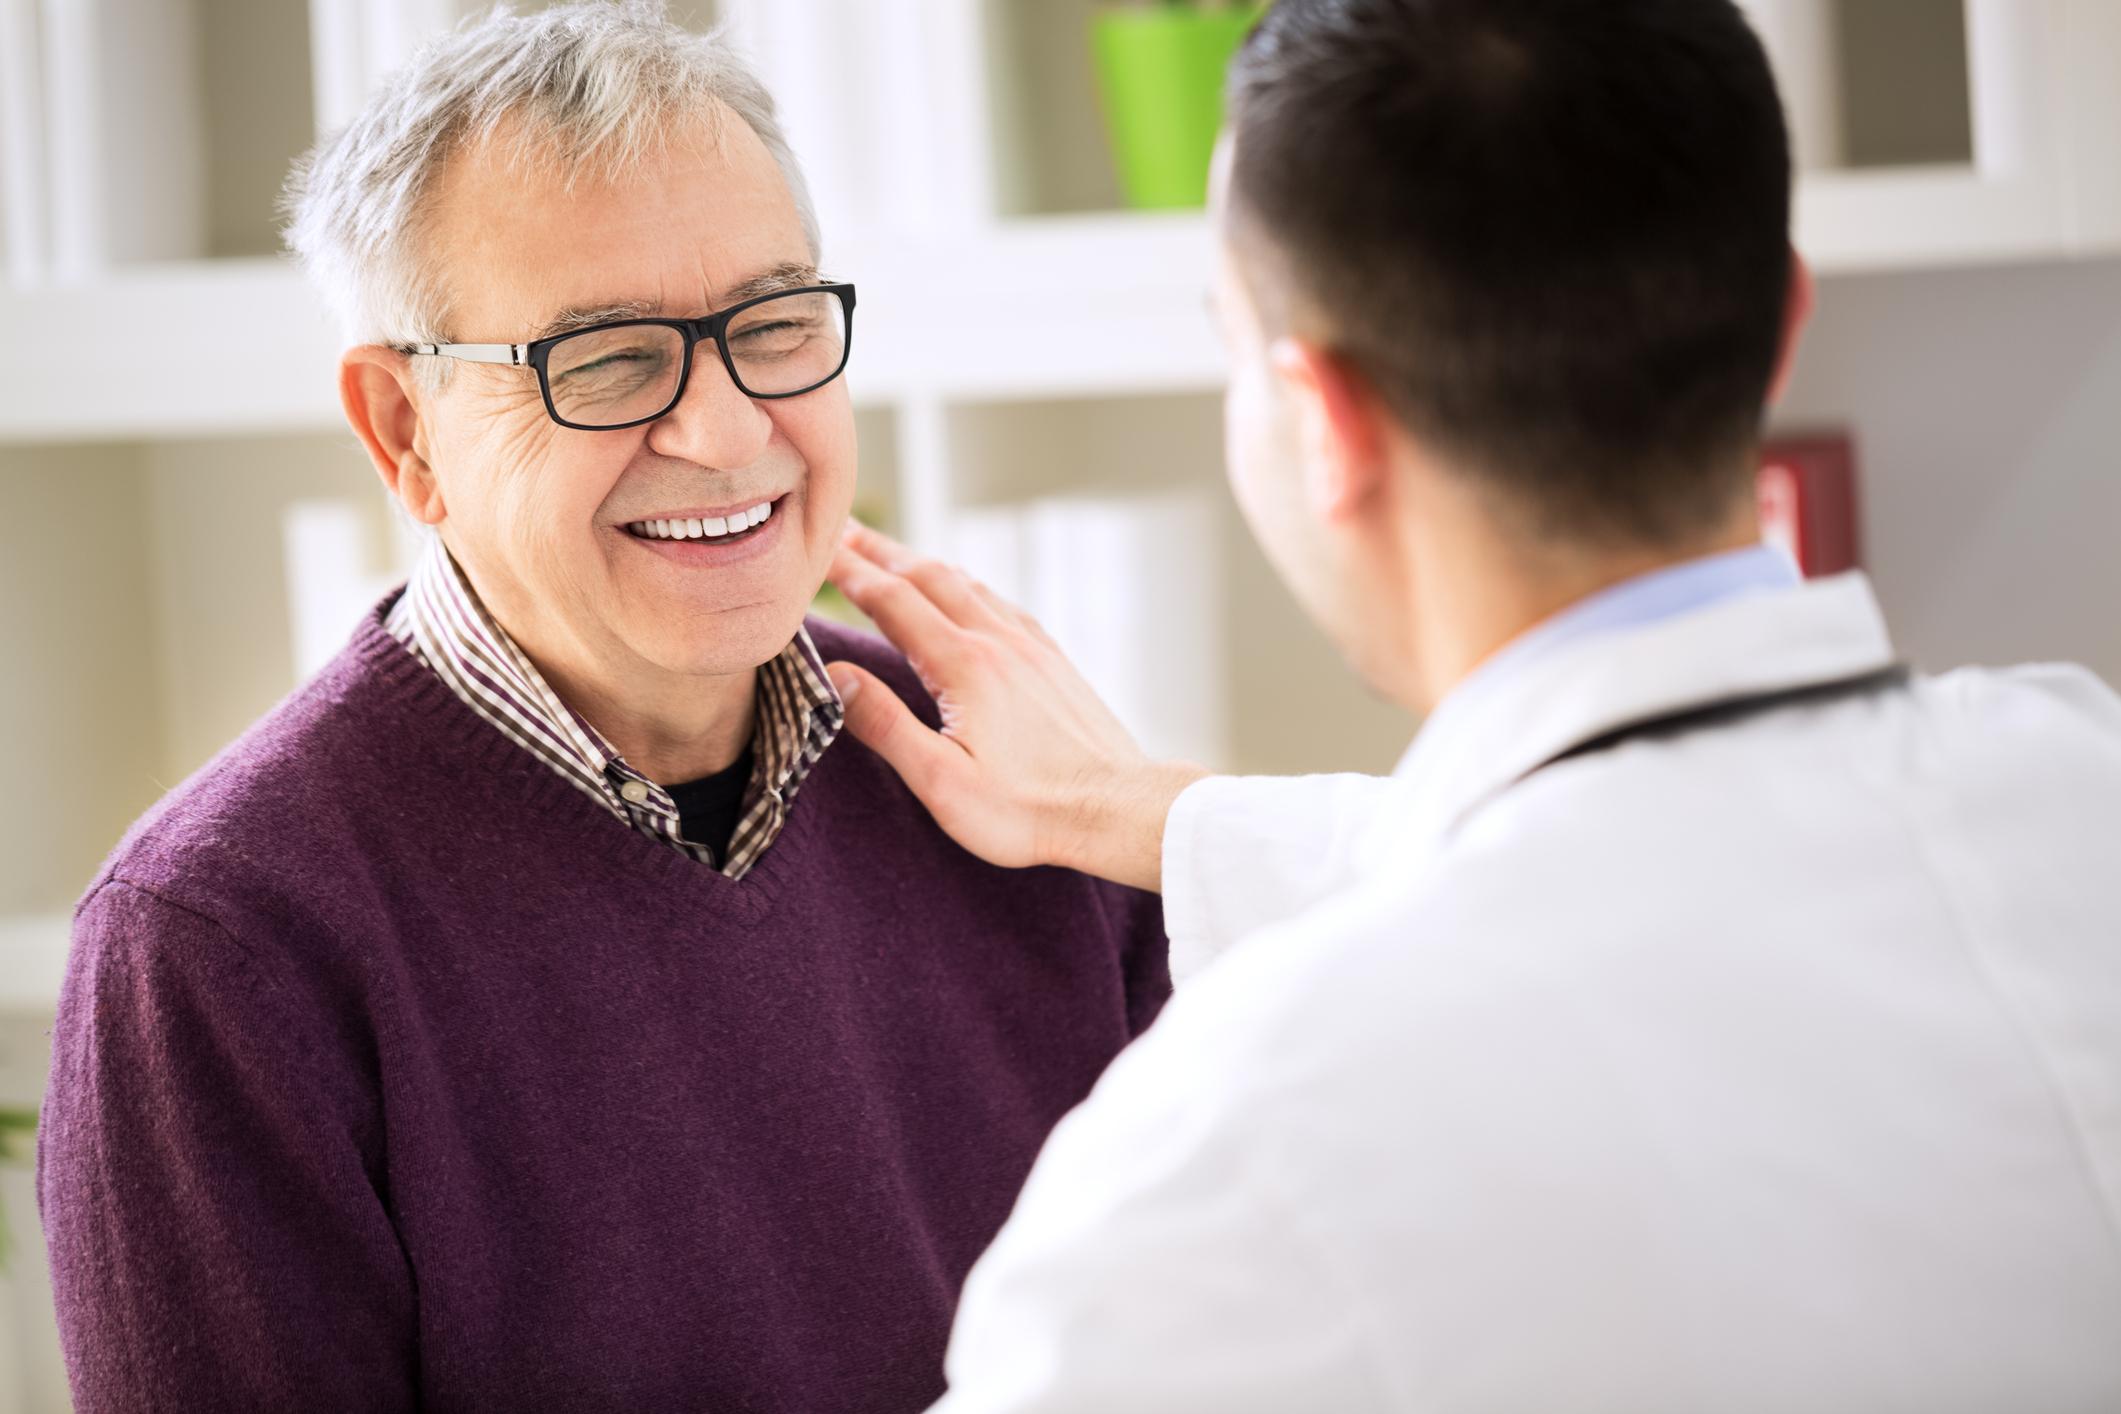 Man in white coat patting smiling older man on the shoulder